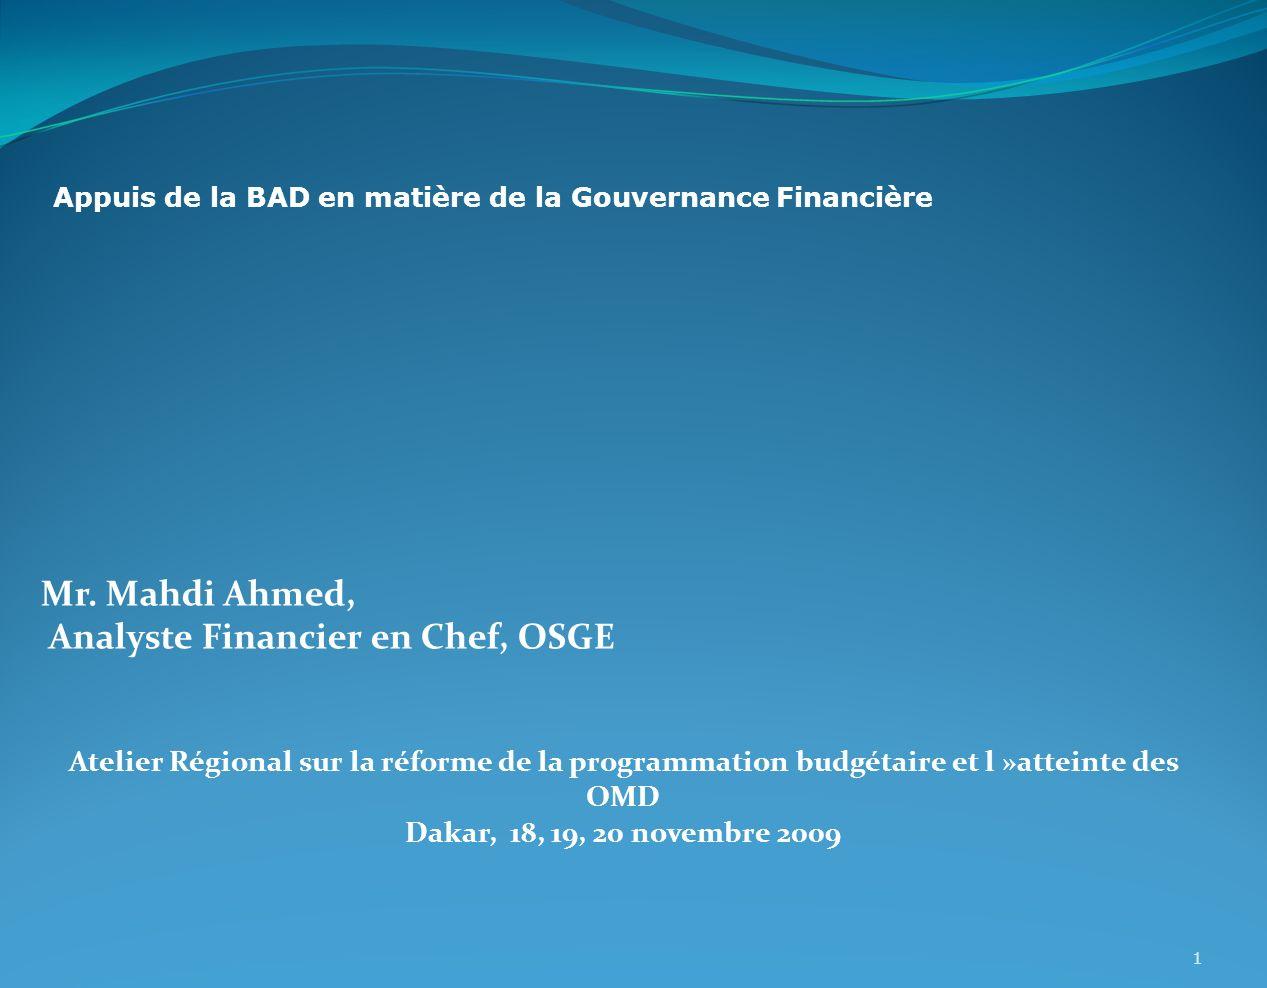 1 Mr. Mahdi Ahmed, Analyste Financier en Chef, OSGE Atelier Régional sur la réforme de la programmation budgétaire et l »atteinte des OMD Dakar, 18, 1